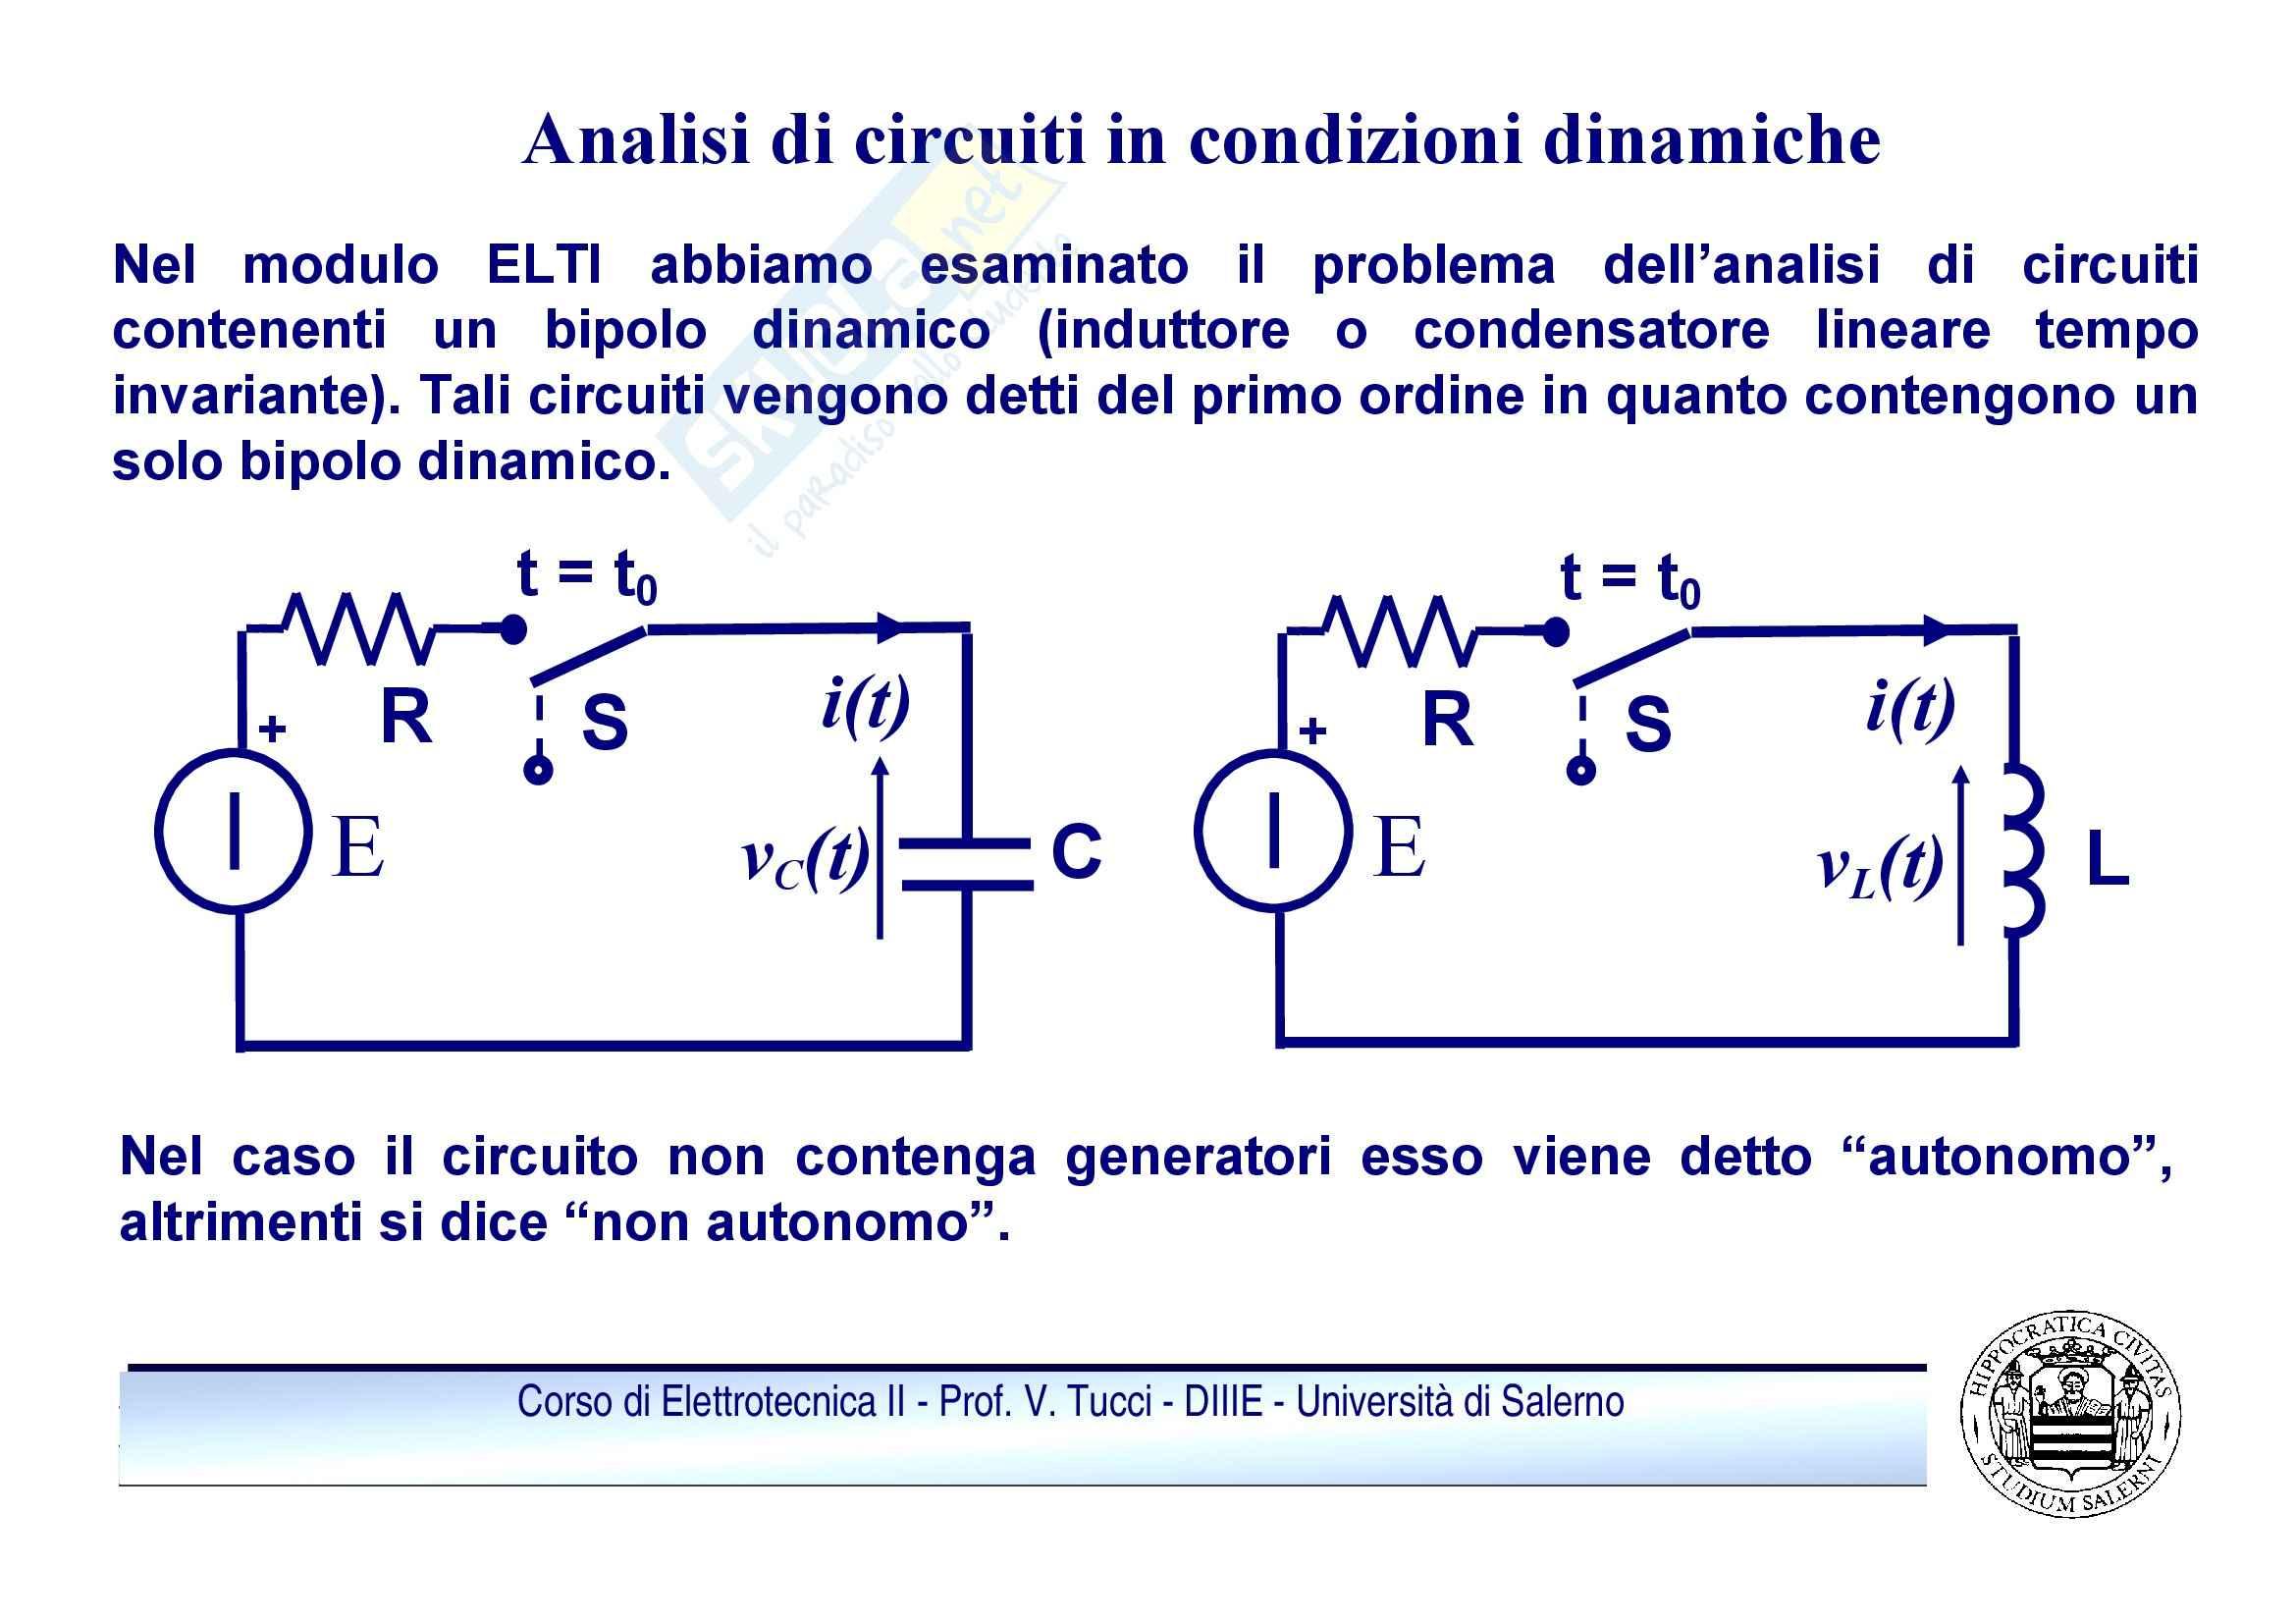 Circuiti dinamici